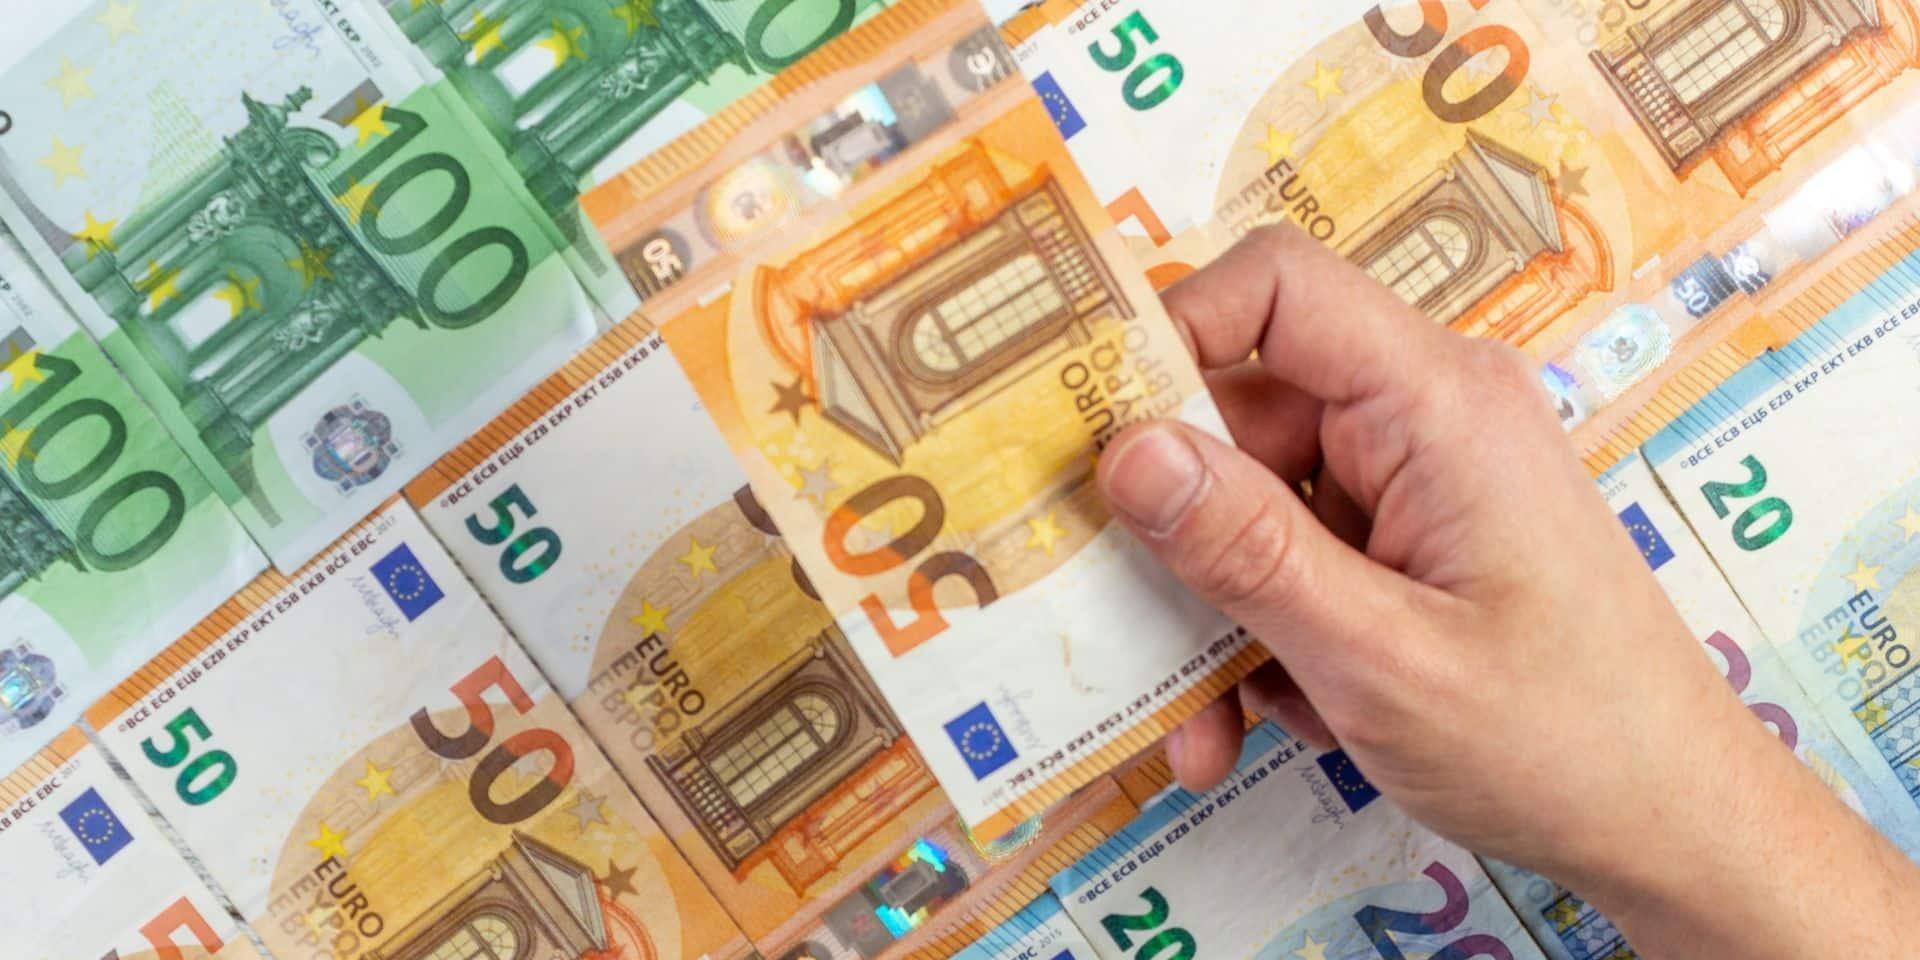 Bruxelles: 6 ans de prison requis contre un escroc séducteur qui avait volé 330.000 euros à ses deux victimes